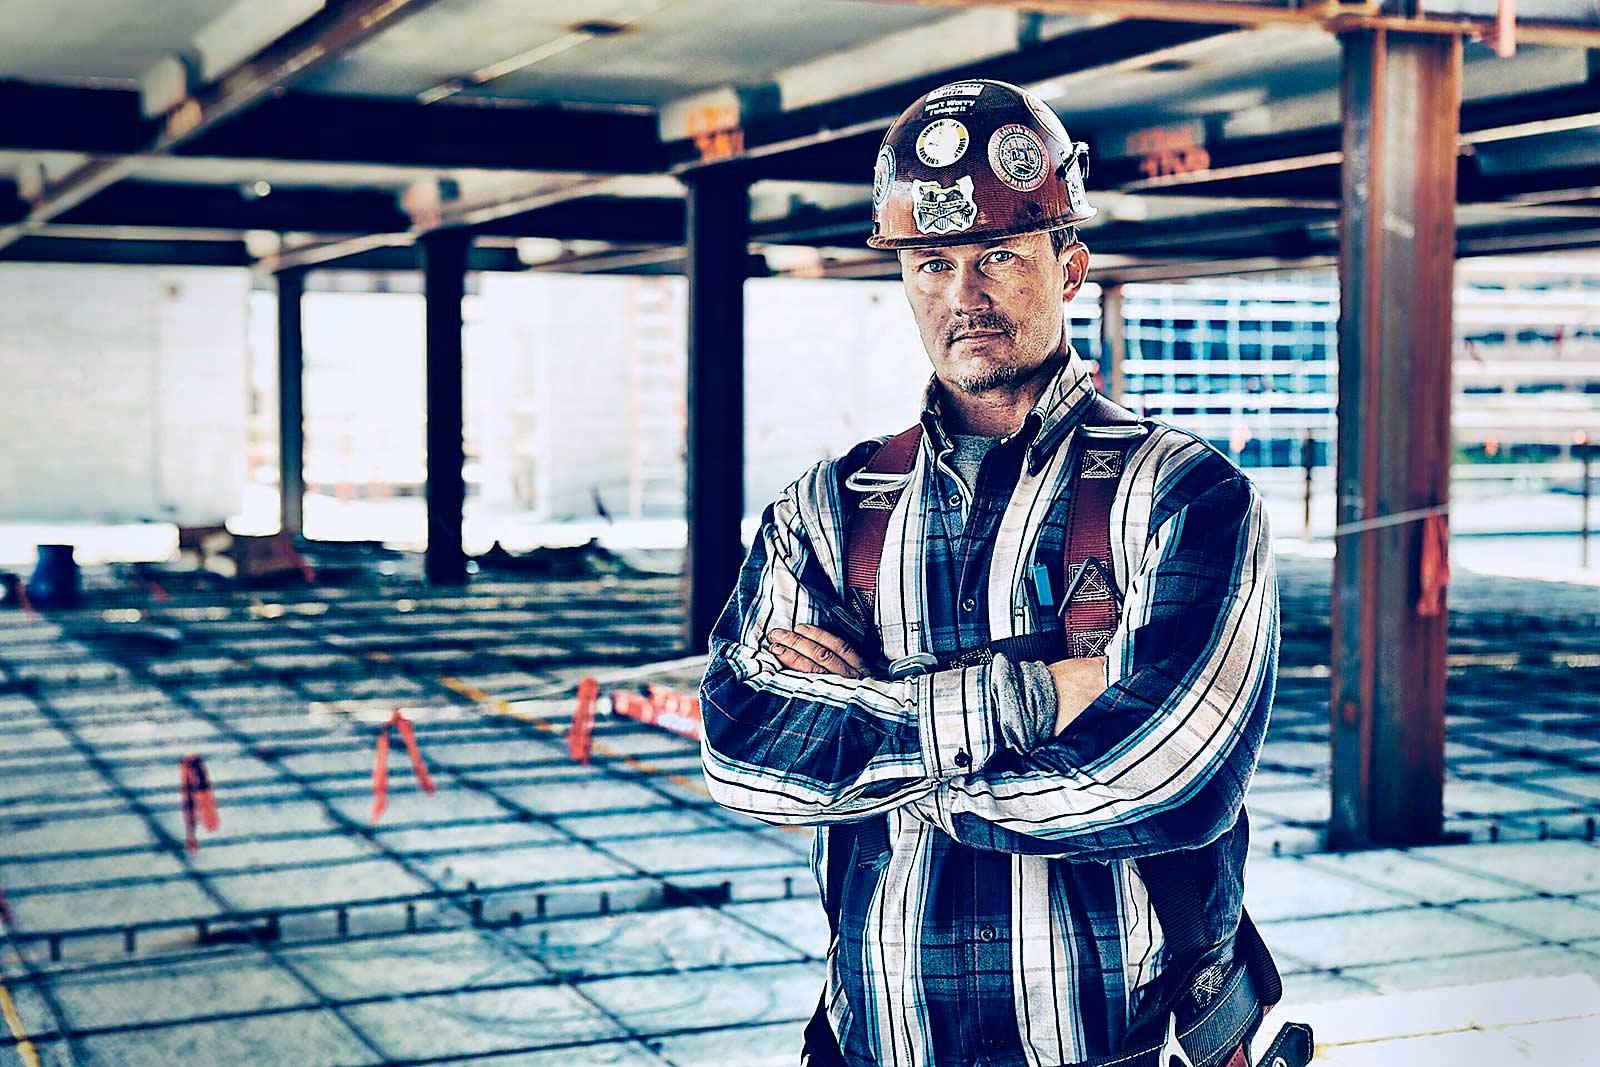 Iron worker portrait.